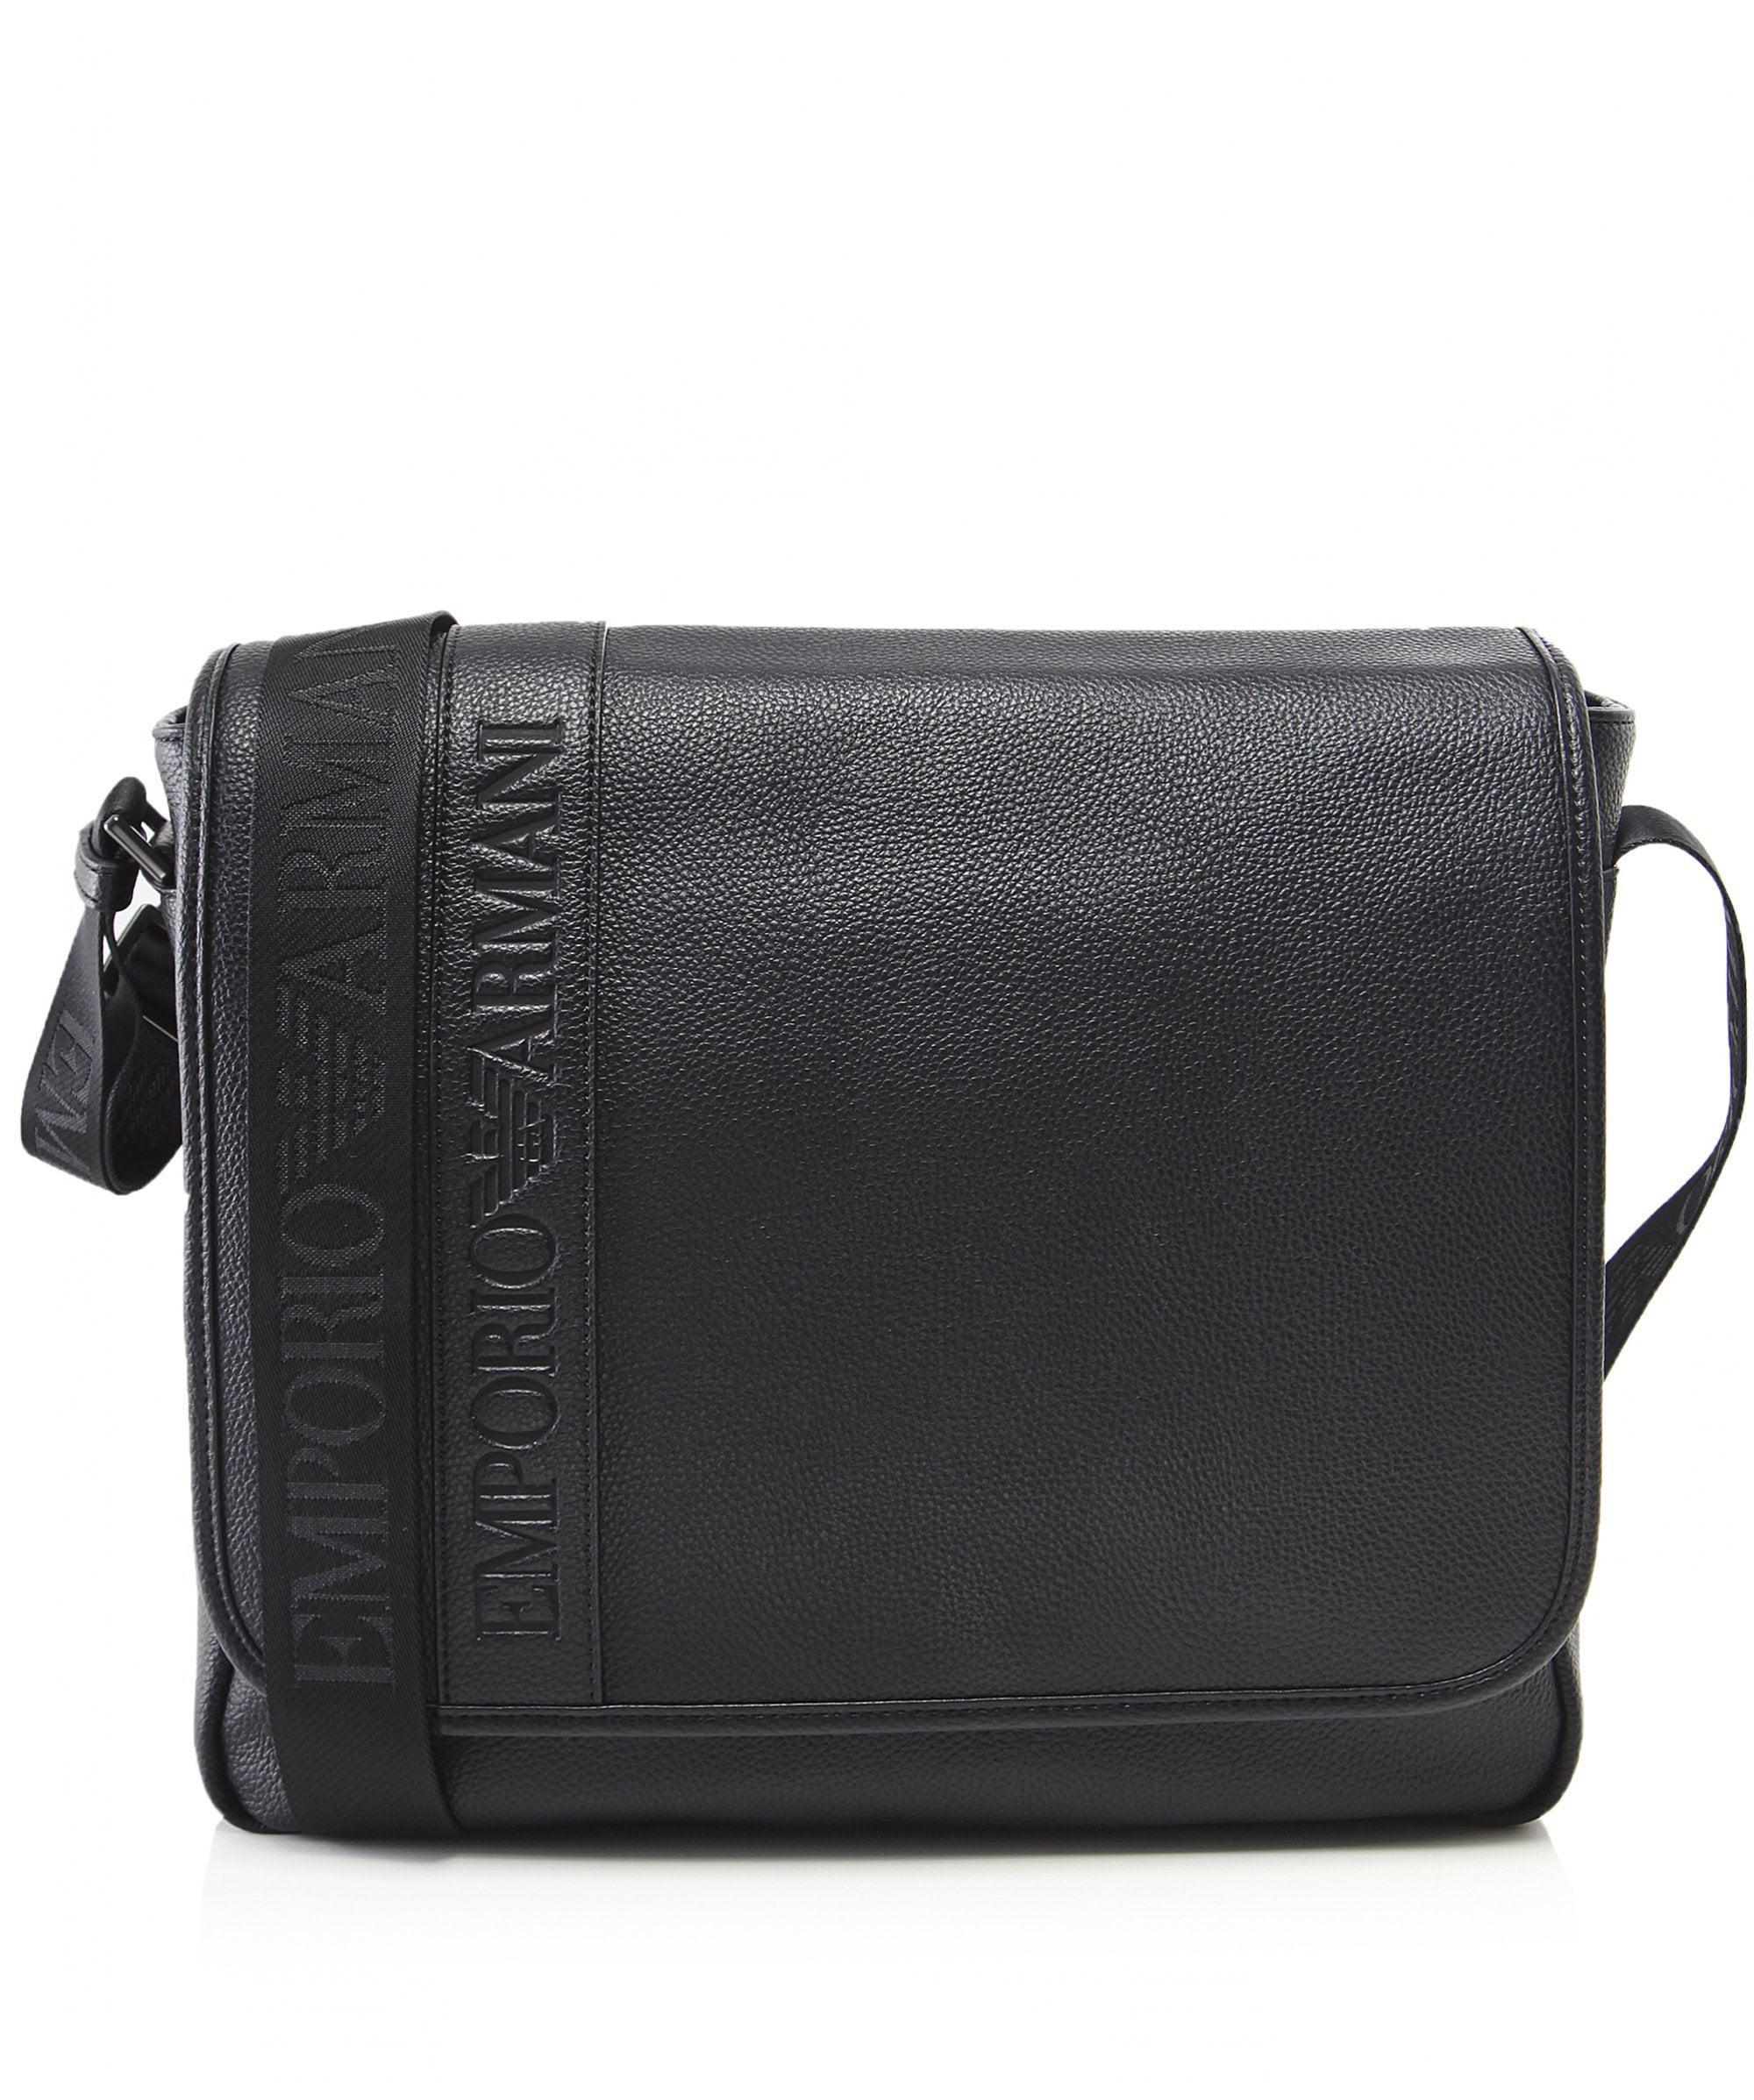 af5da71bb61 Armani Logo Messenger Bag in Black for Men - Lyst